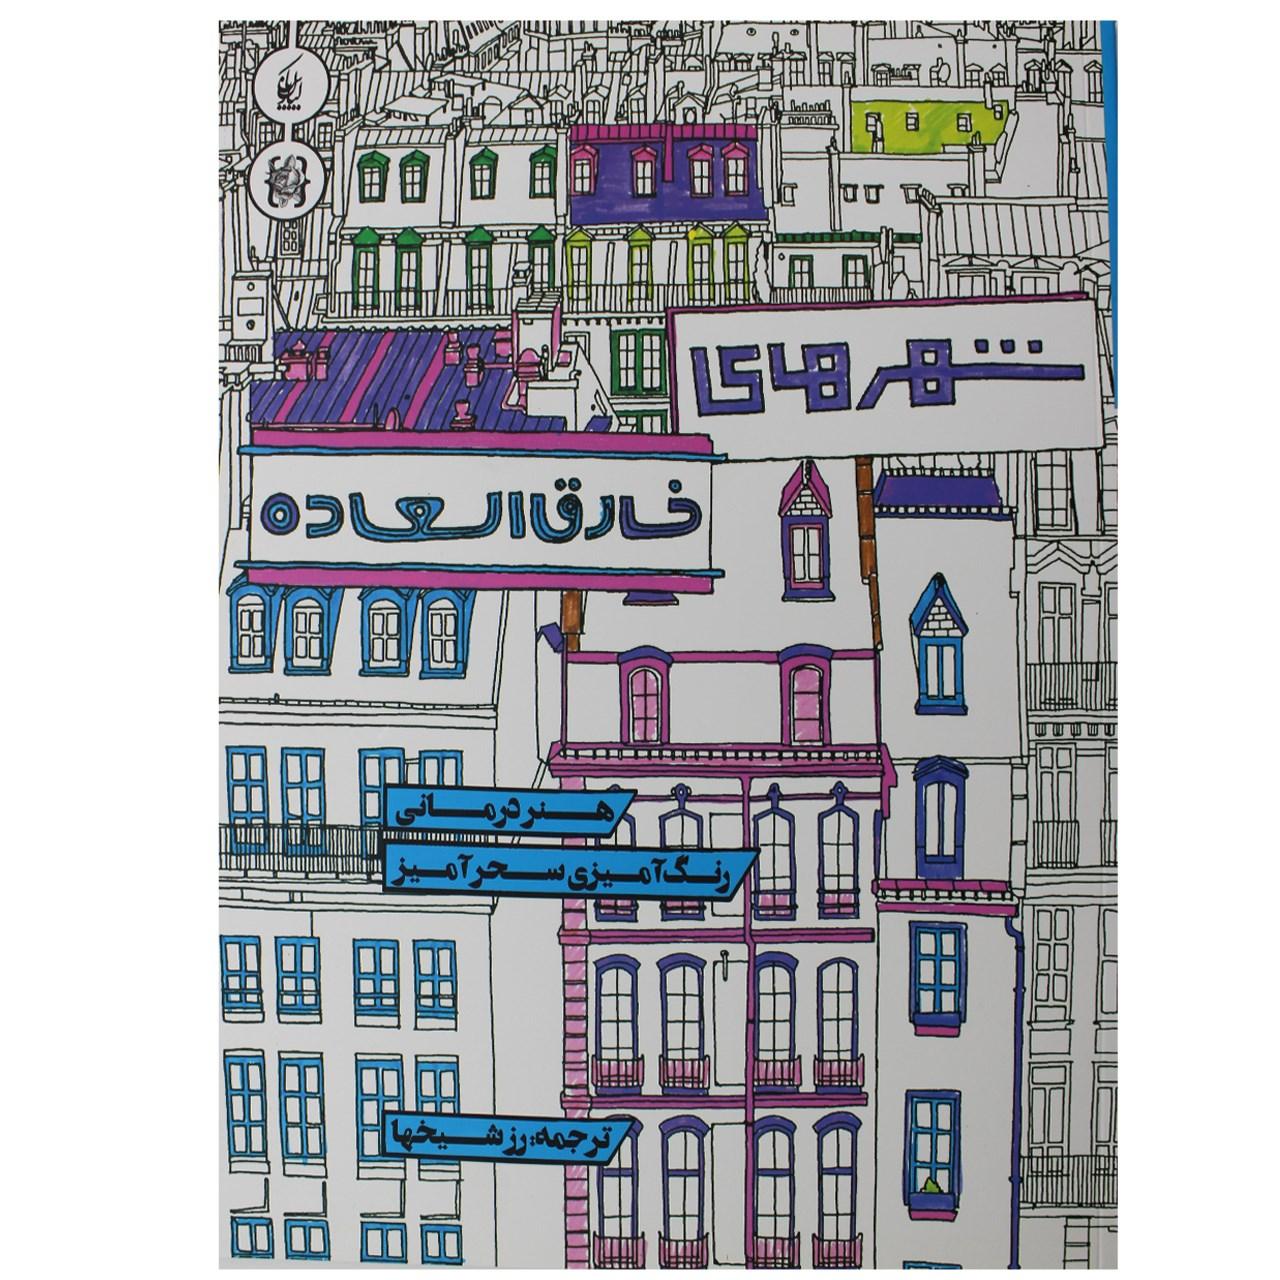 کتاب رنگ آمیزی شهرهای خارق العاده اثر استیو مک دونالد